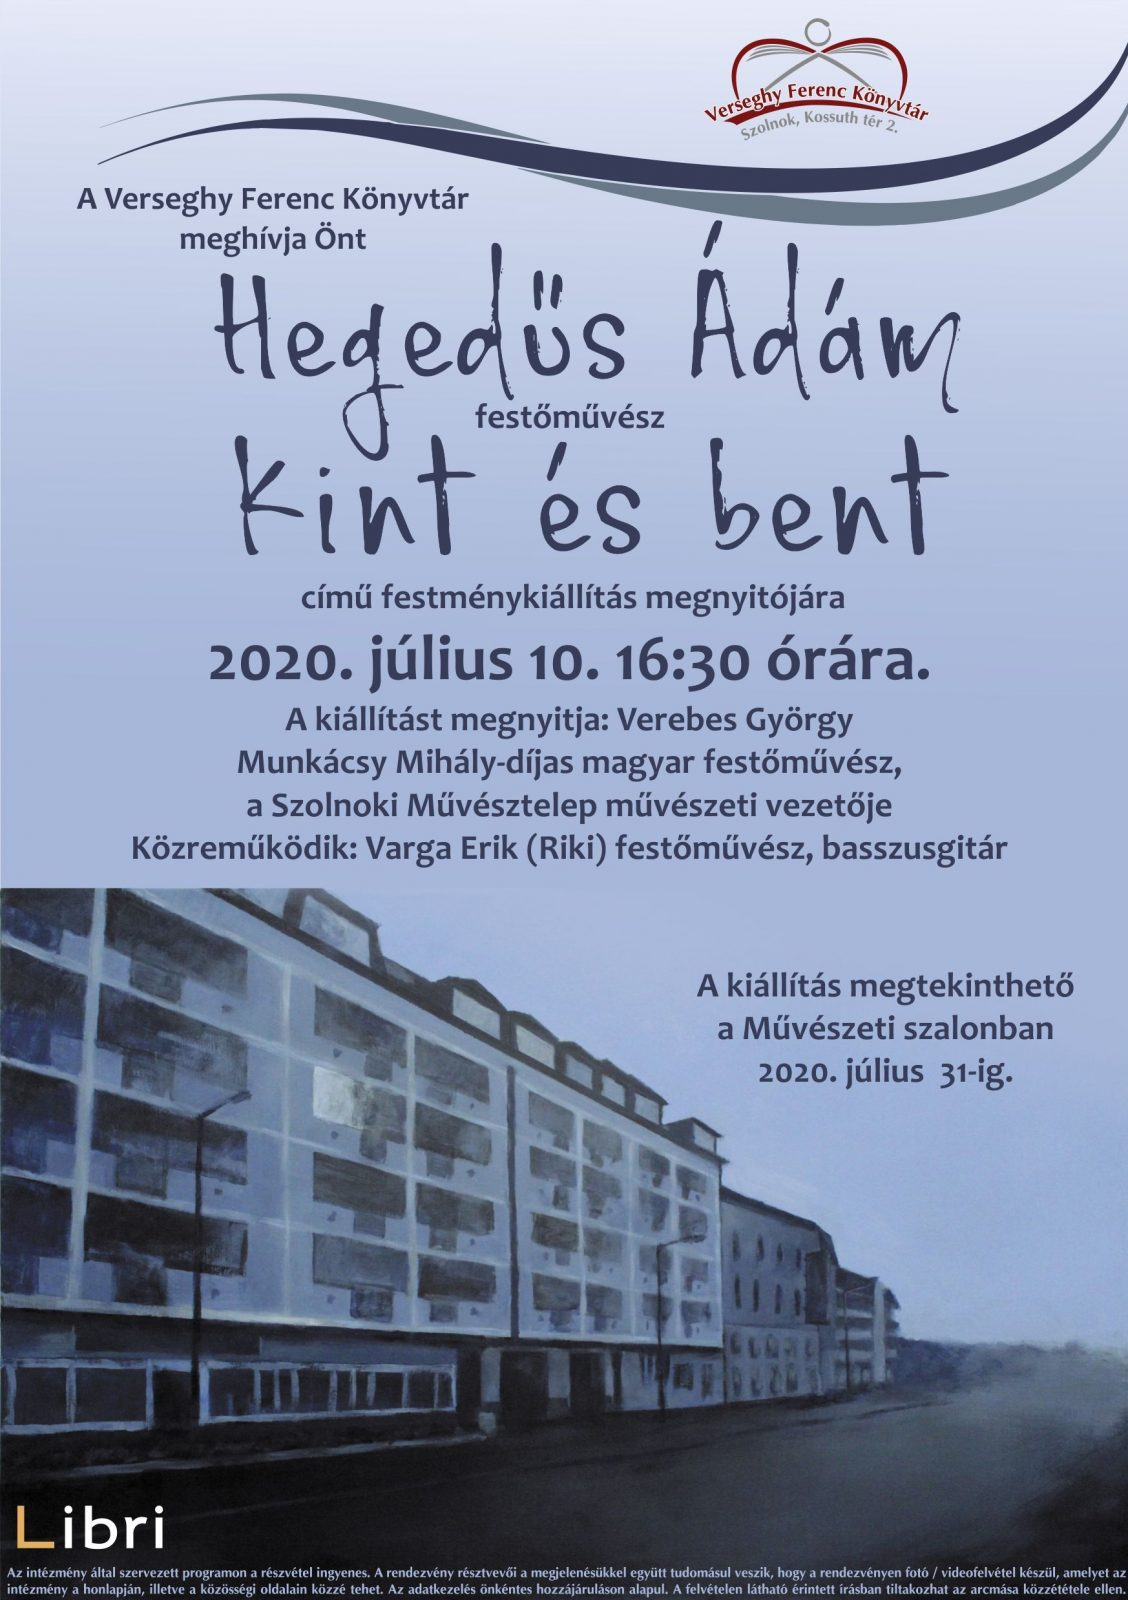 Hegedűs Ádám: Kint és bent - fetménykiállítás. 2020.07.10.-2020.07.31. Plakát.